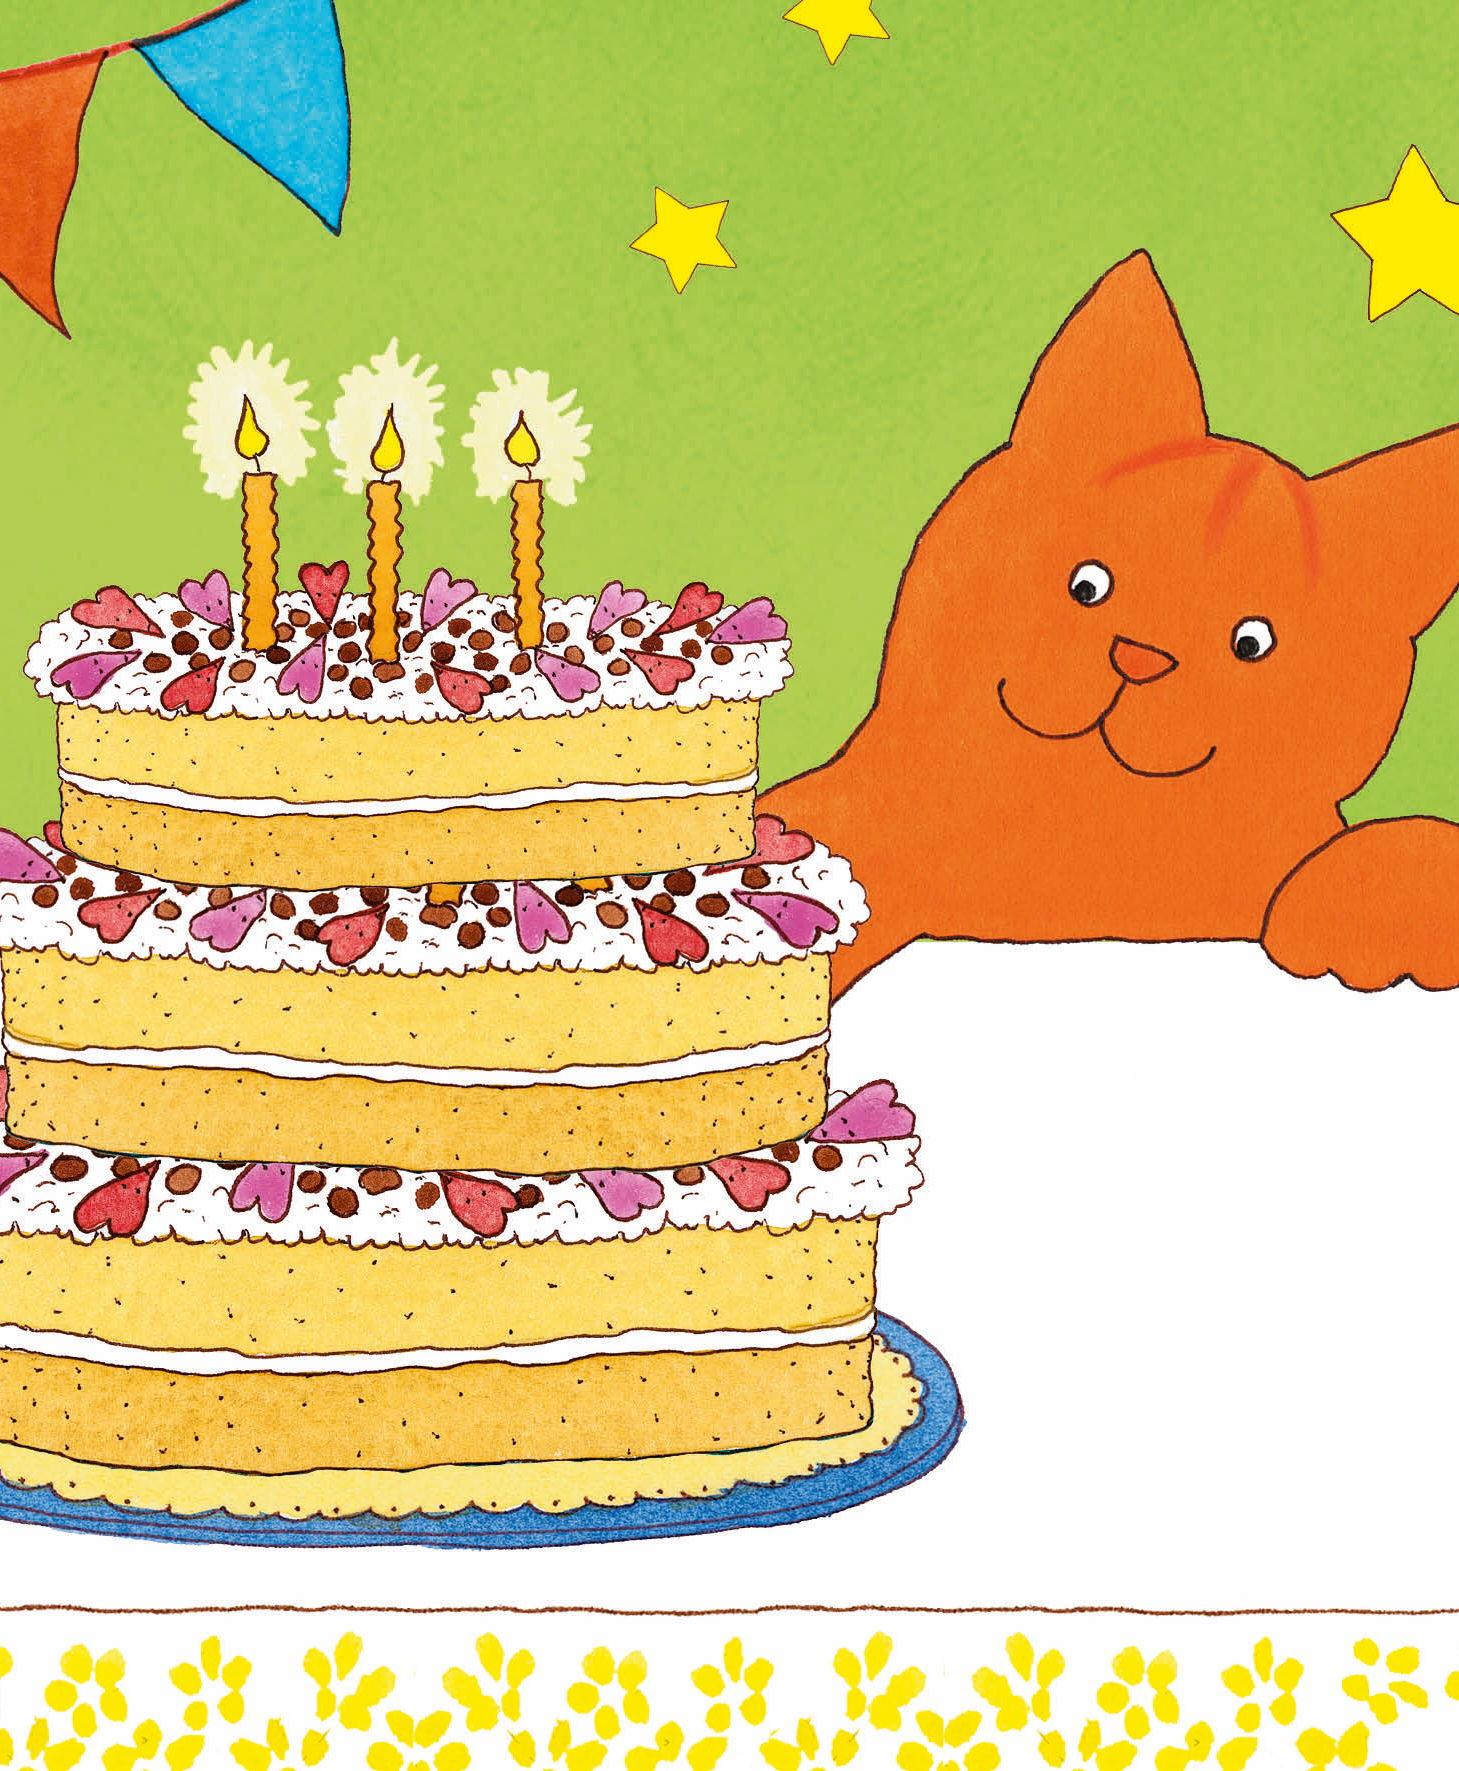 Dikkie Dik is jarig en op tafel staat een enorme taart! Maar voordat zijn vriendjes er zijn heeft Dikkie Dik de taart al opgegeten. Nu moet hij snel zelf een taart bakken, maar gaat dat wel goed? Een sfeervolle en intieme muziekvoorstelling!